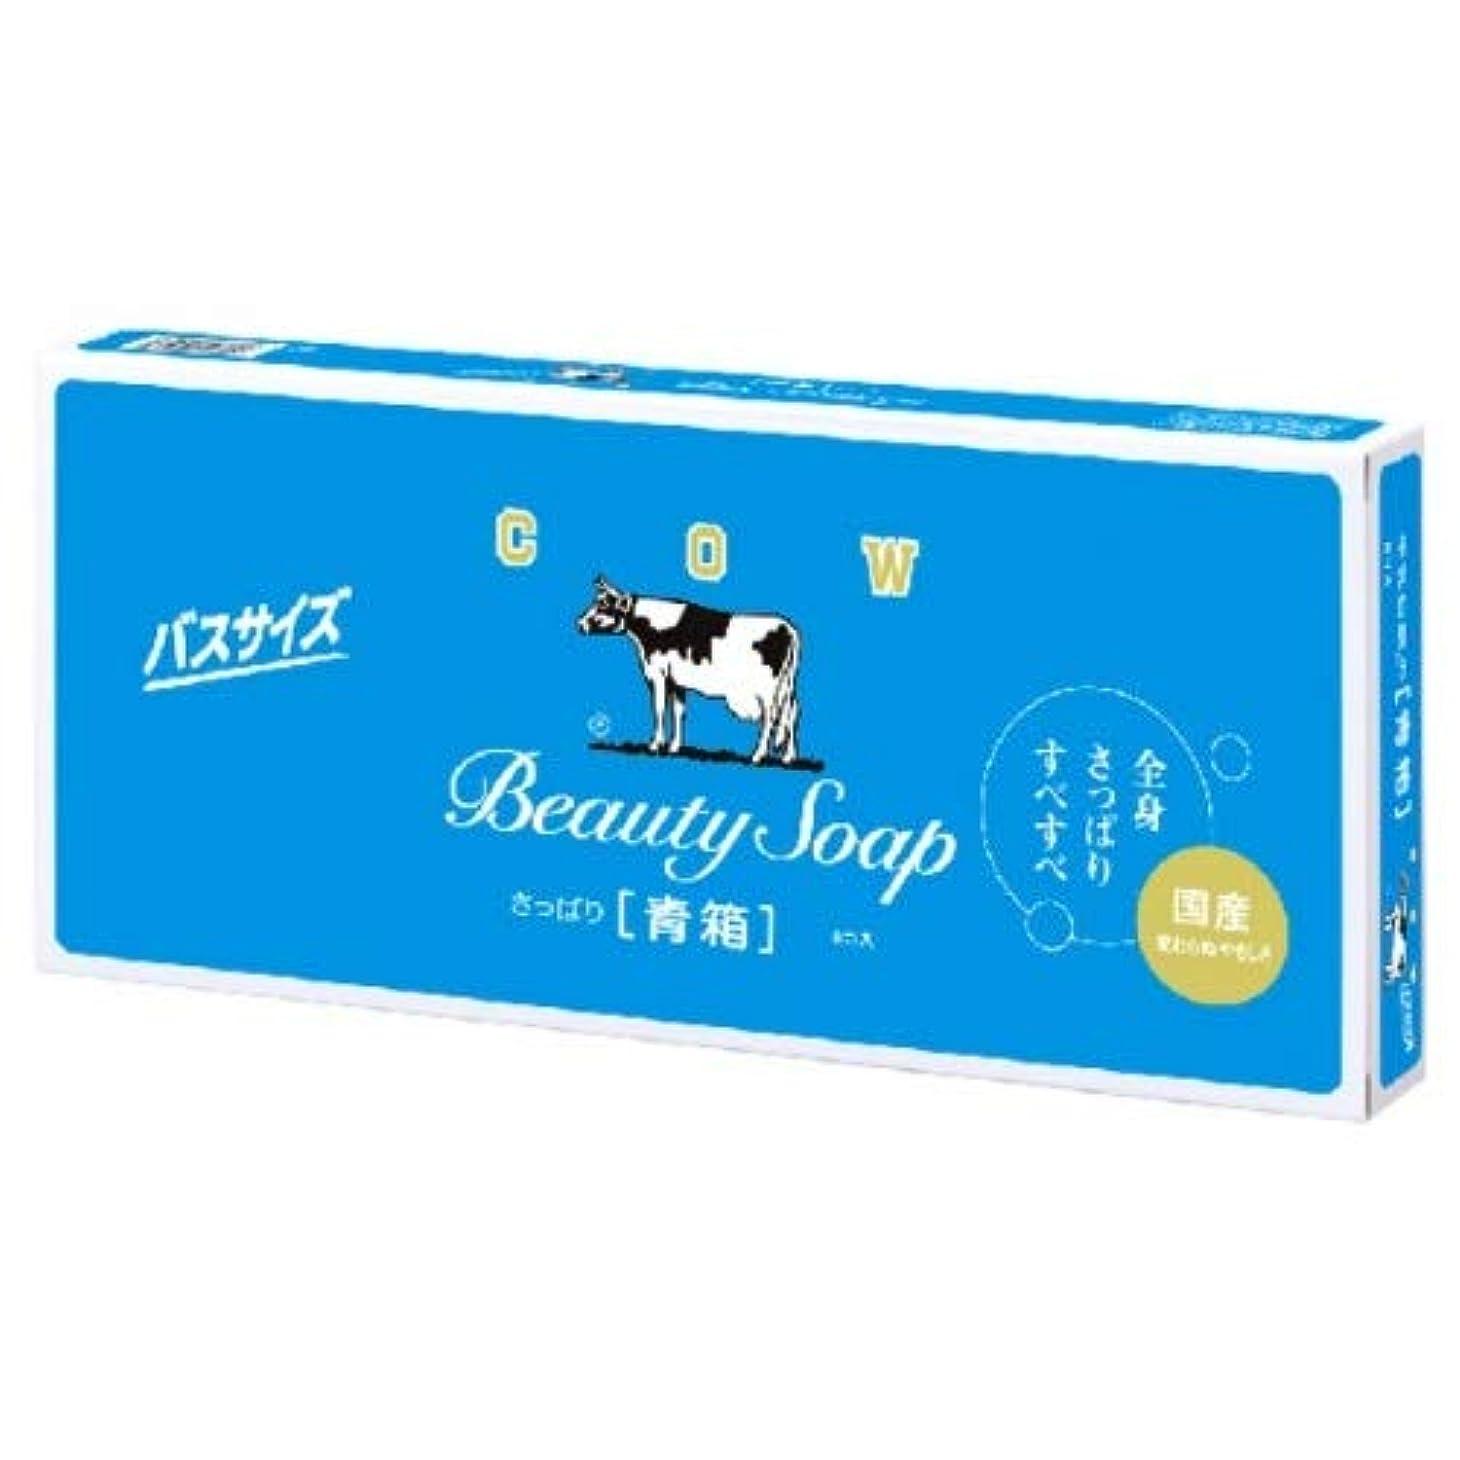 ランク決済大胆不敵カウブランド 青箱バスサイズ6個入 石鹸 ジャスミン調の花の香り 130g×6個